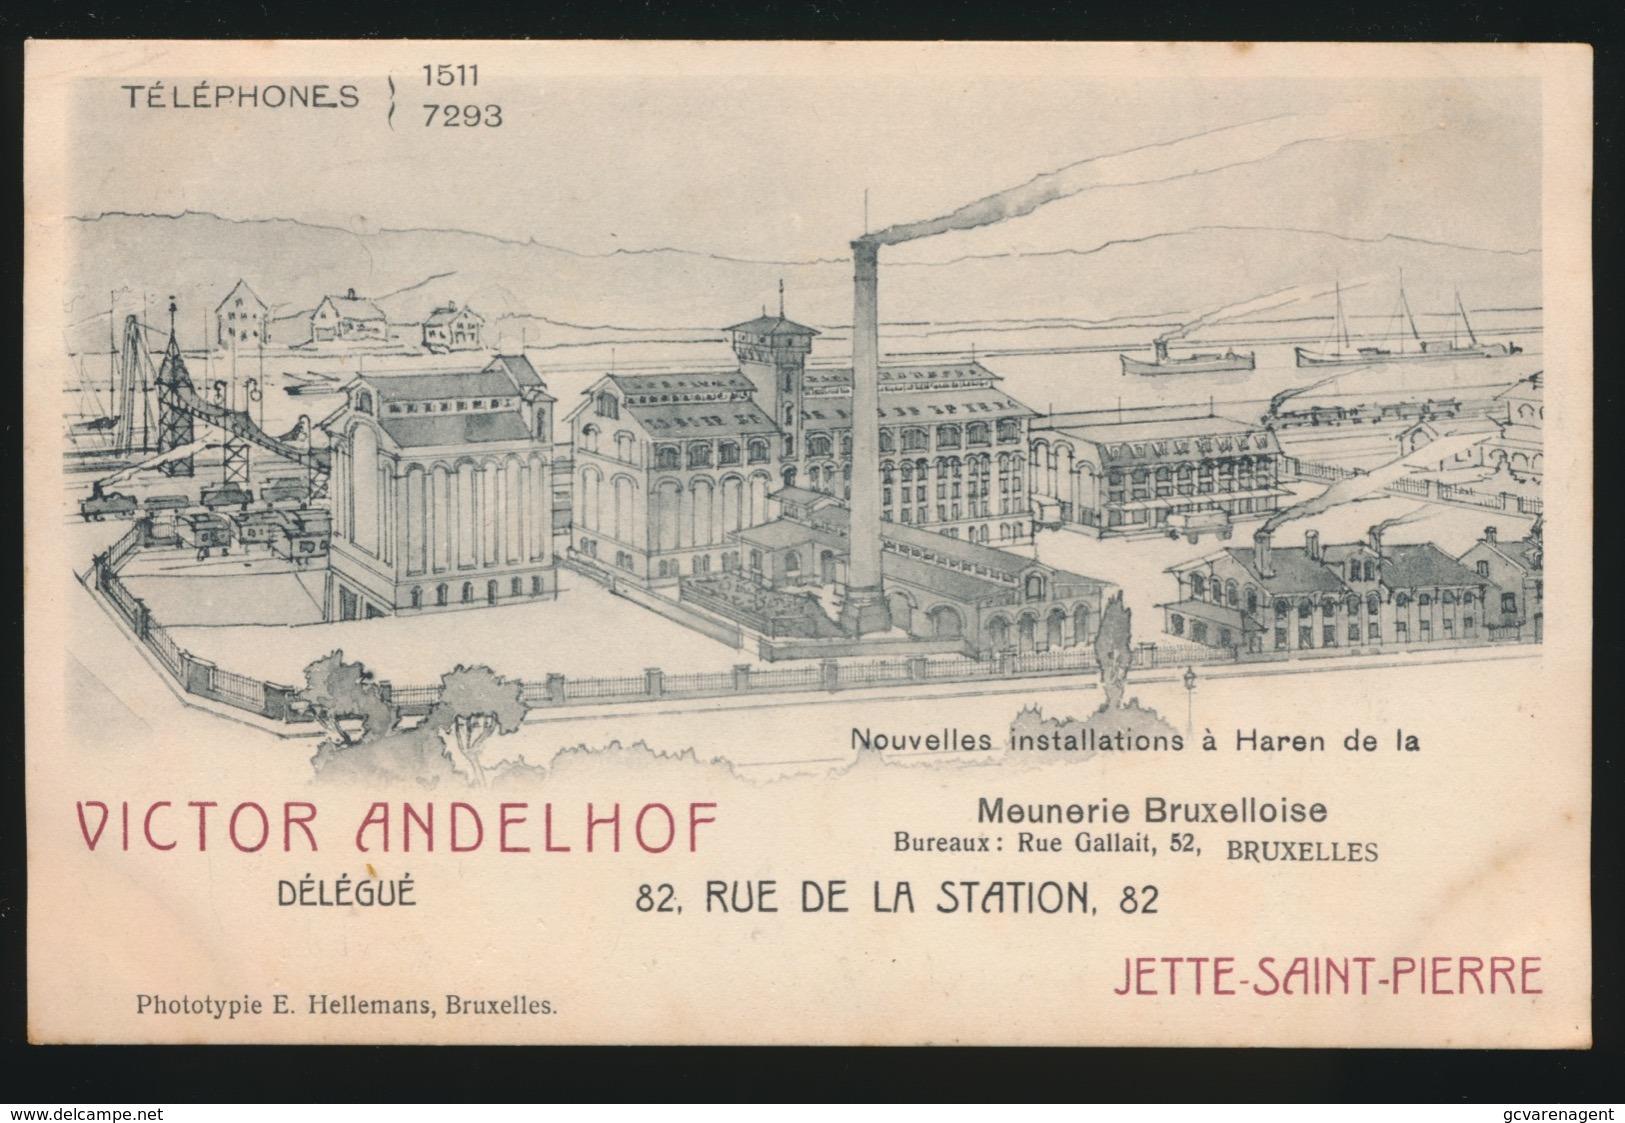 JETTE SAINT PIERRE - VICTOR ANDELHOF DELEGUE DE LA MEUNERIE BRUXELLOISE - RUE DE LA STATION 82 JETTE  2 AFBEELDINGEN - Jette